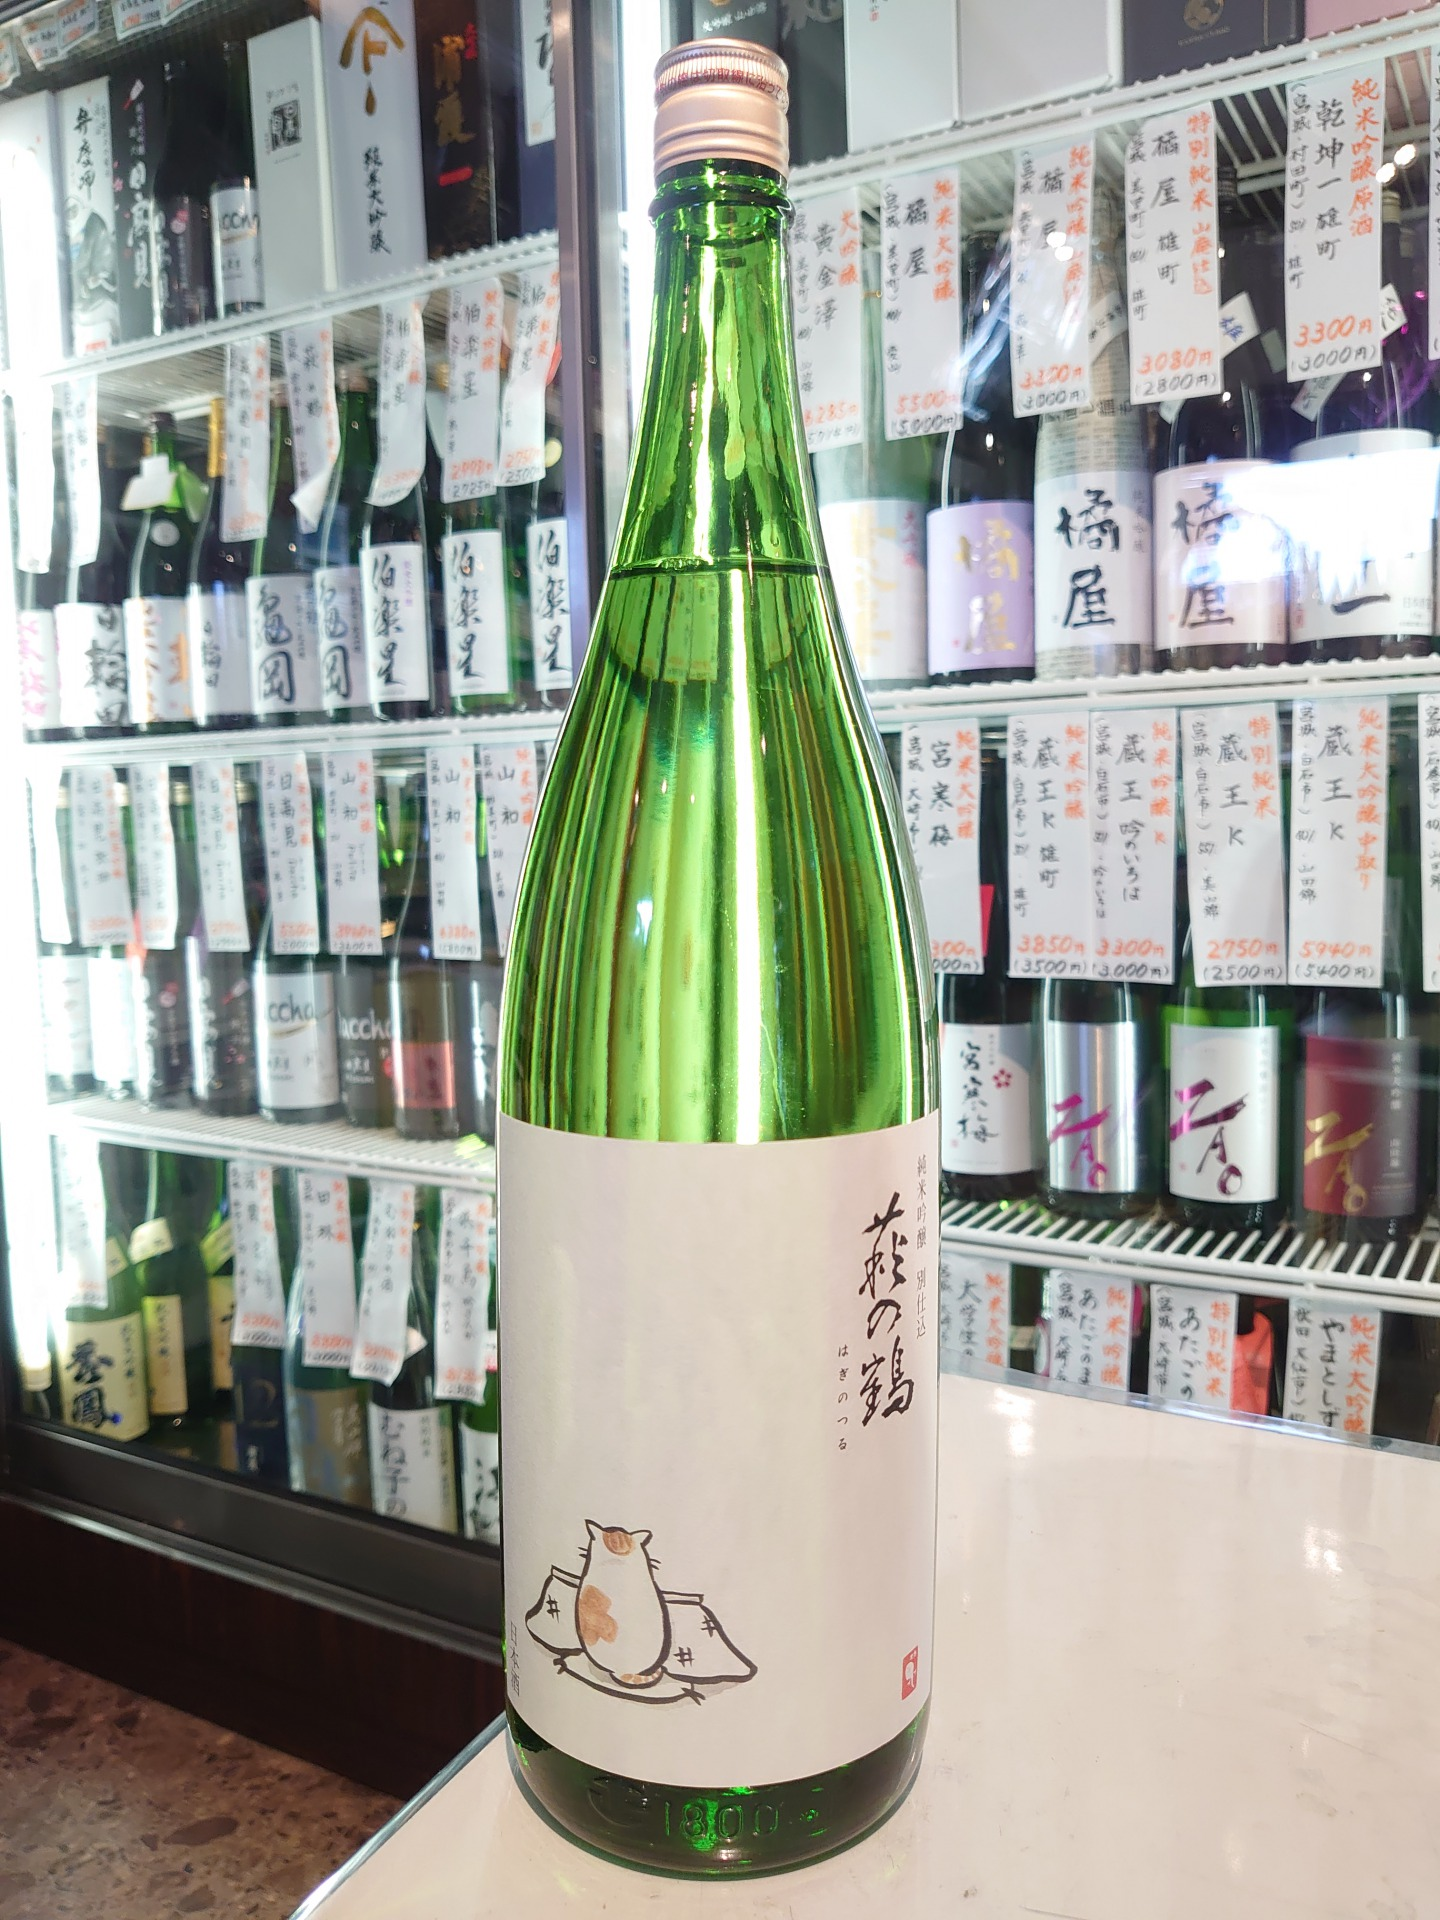 萩の鶴 純米吟醸 別仕込 こたつ猫 1.8L